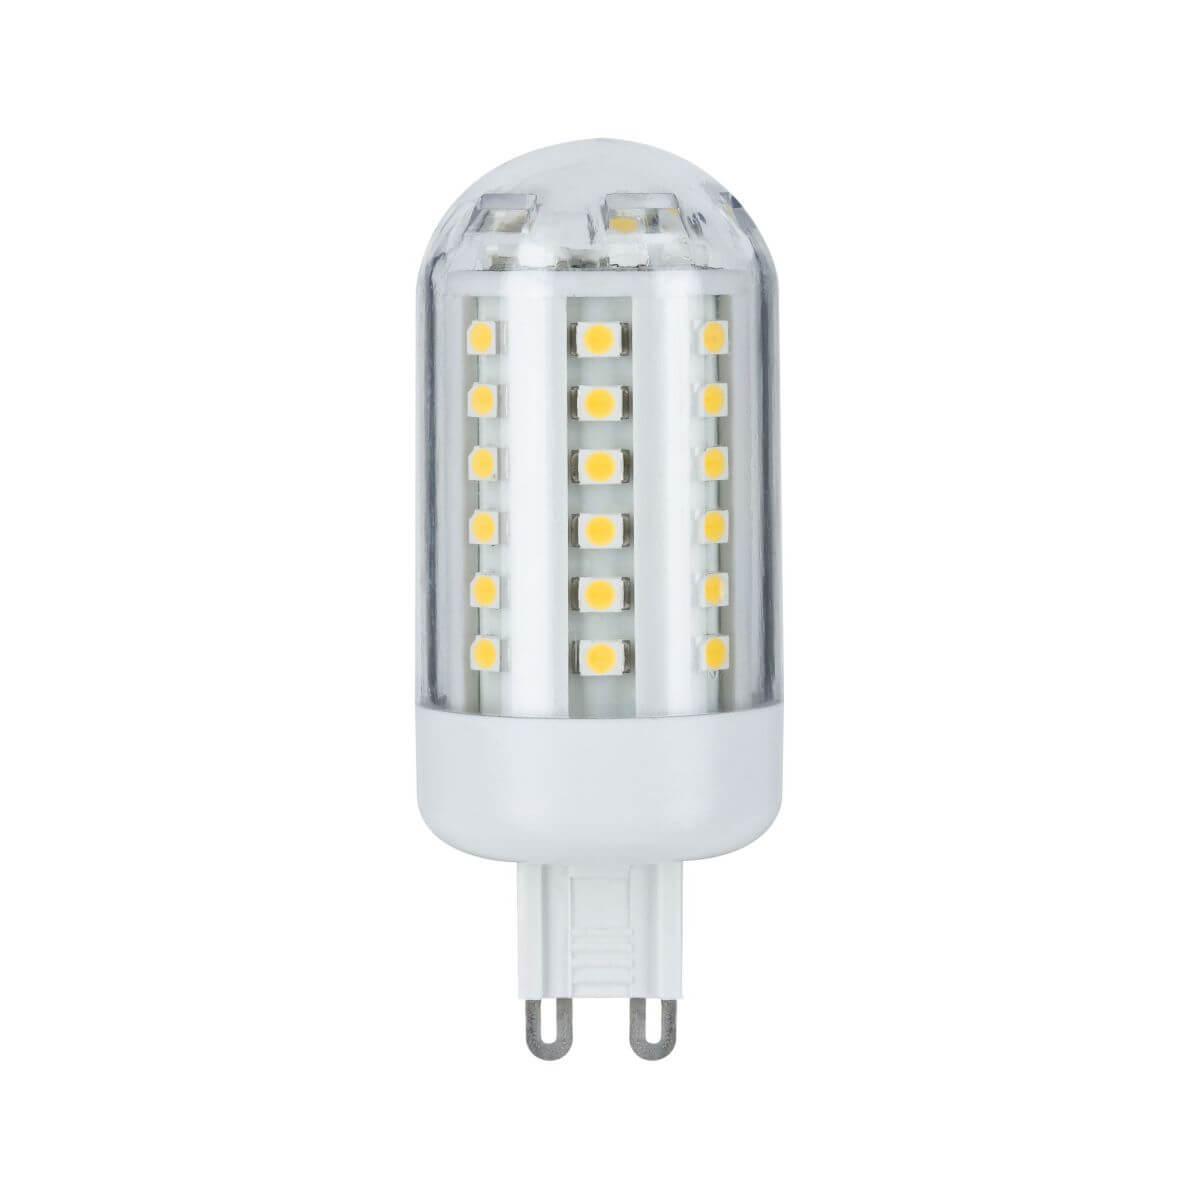 g9 led lampen leuchtmittel hier g nstig kaufen. Black Bedroom Furniture Sets. Home Design Ideas